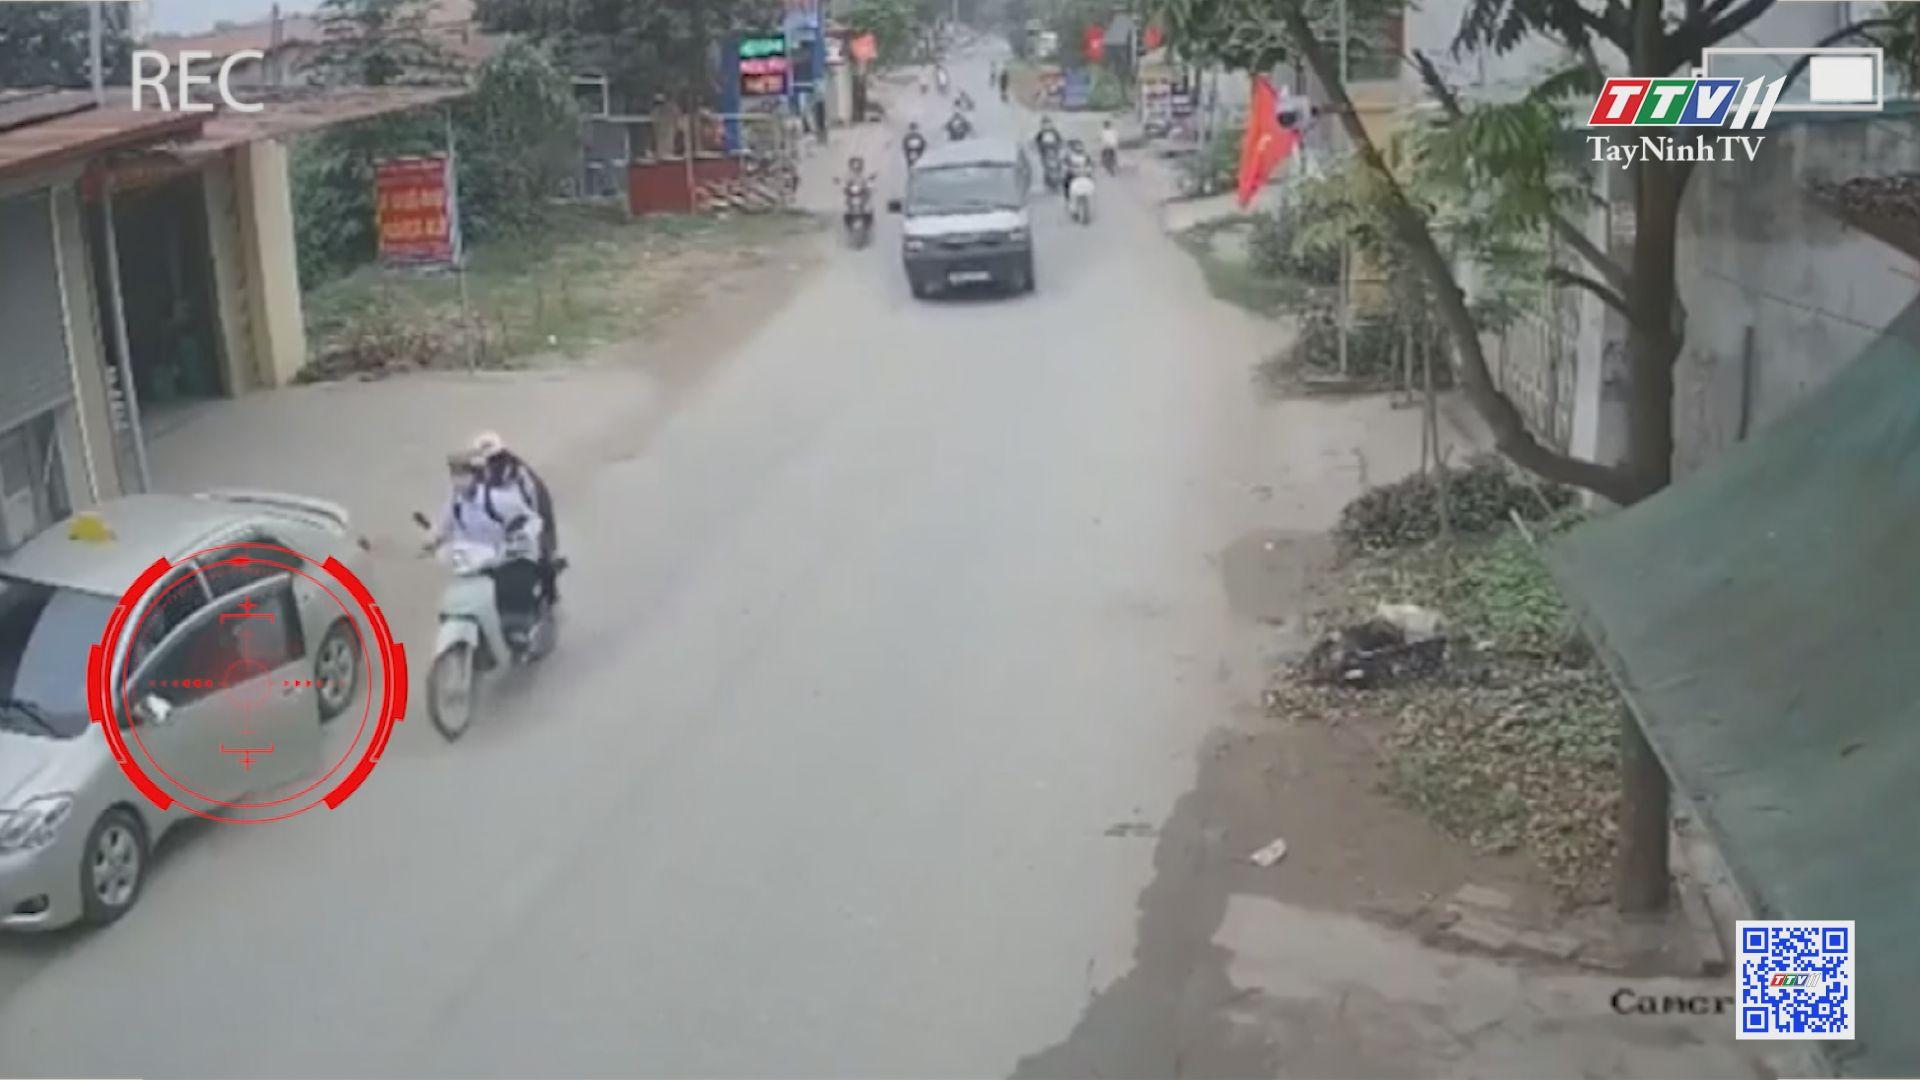 TayNinhTV | VĂN HÓA GIAO THÔNG | Mở cửa ô tô không quan sát, tài xế gây tai nạn liên hoàn